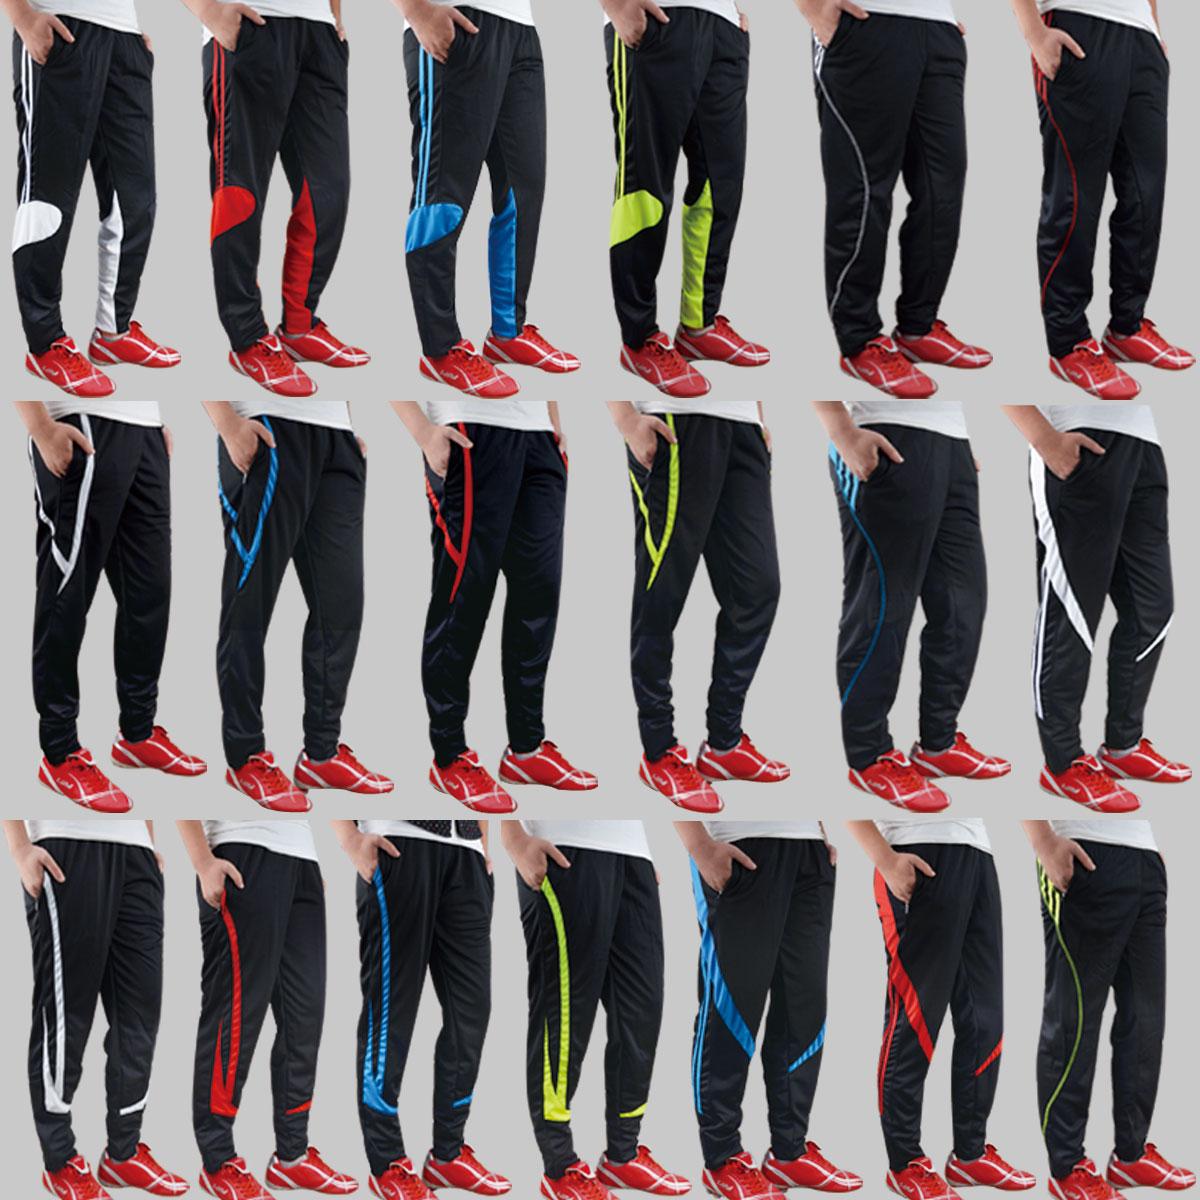 Pants-legs-foot...